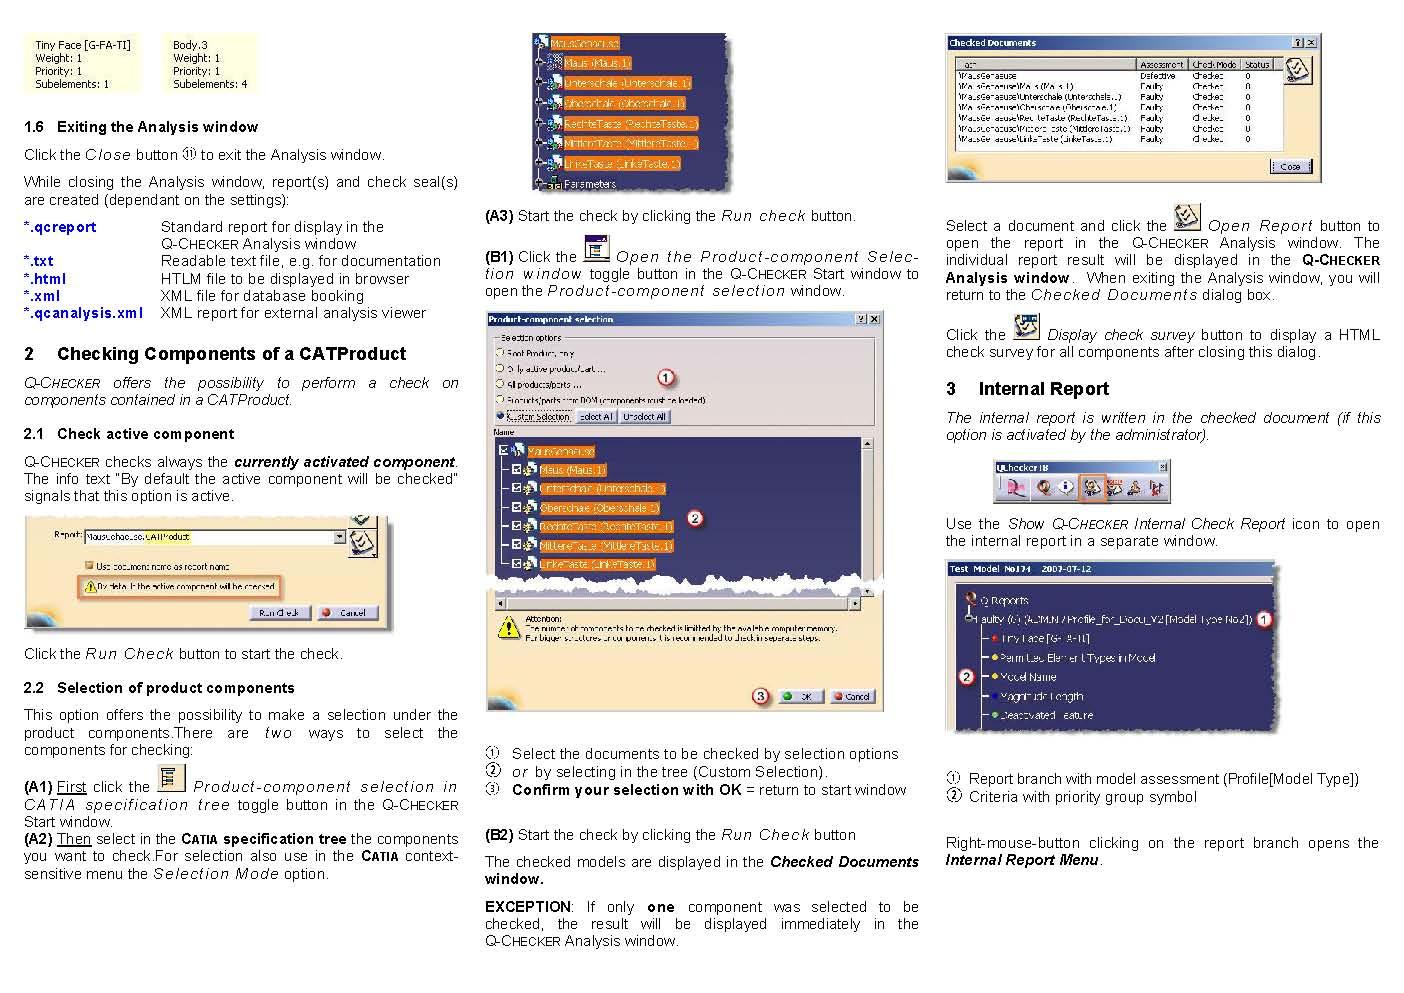 manual_Seite_2.jpg